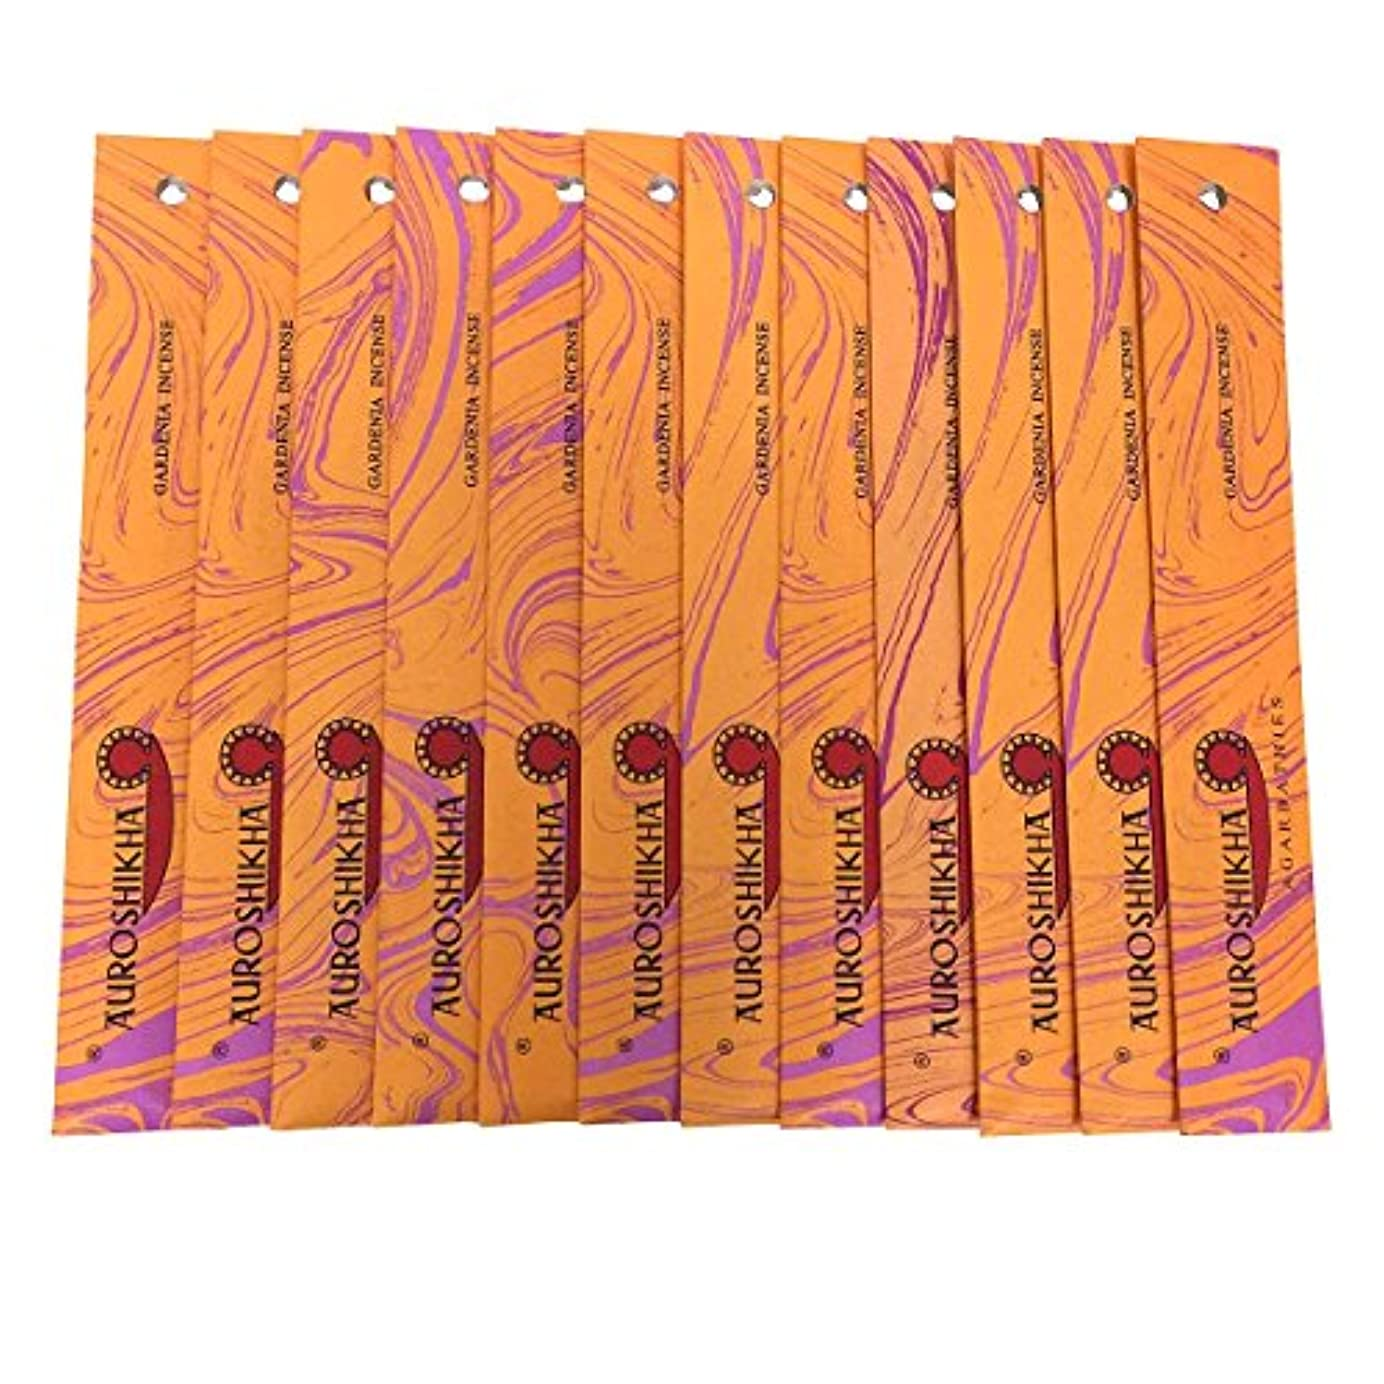 アフリカ瞑想的スクリーチAUROSHIKHA オウロシカ(GARDENIAガーデニア12個セット) マーブルパッケージスティック 送料無料